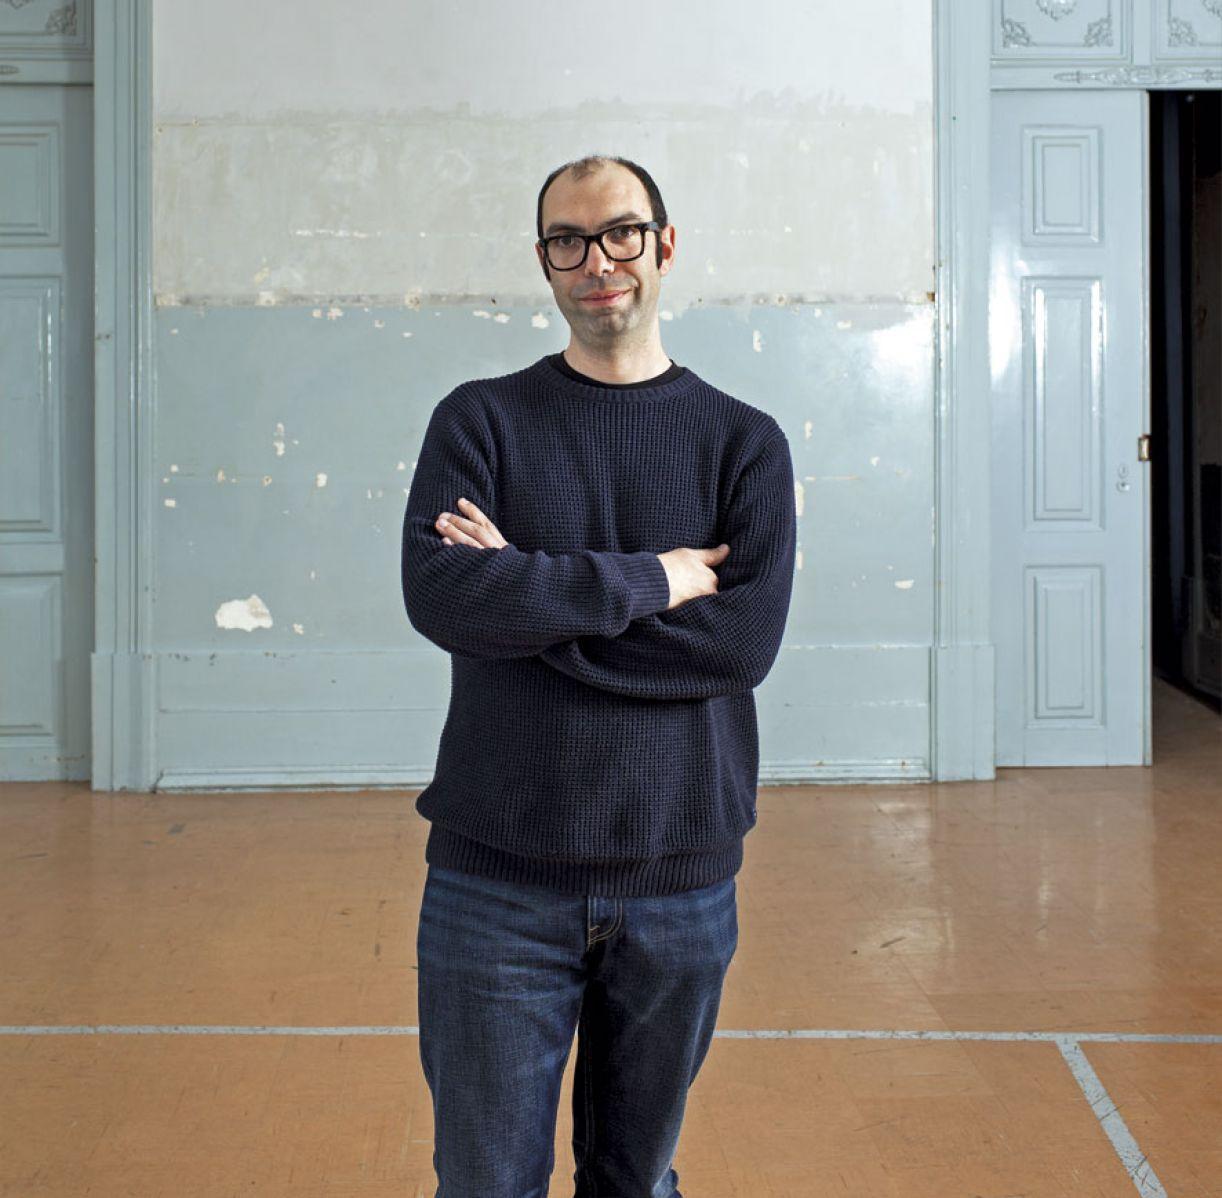 O professor e curador português André Tavares